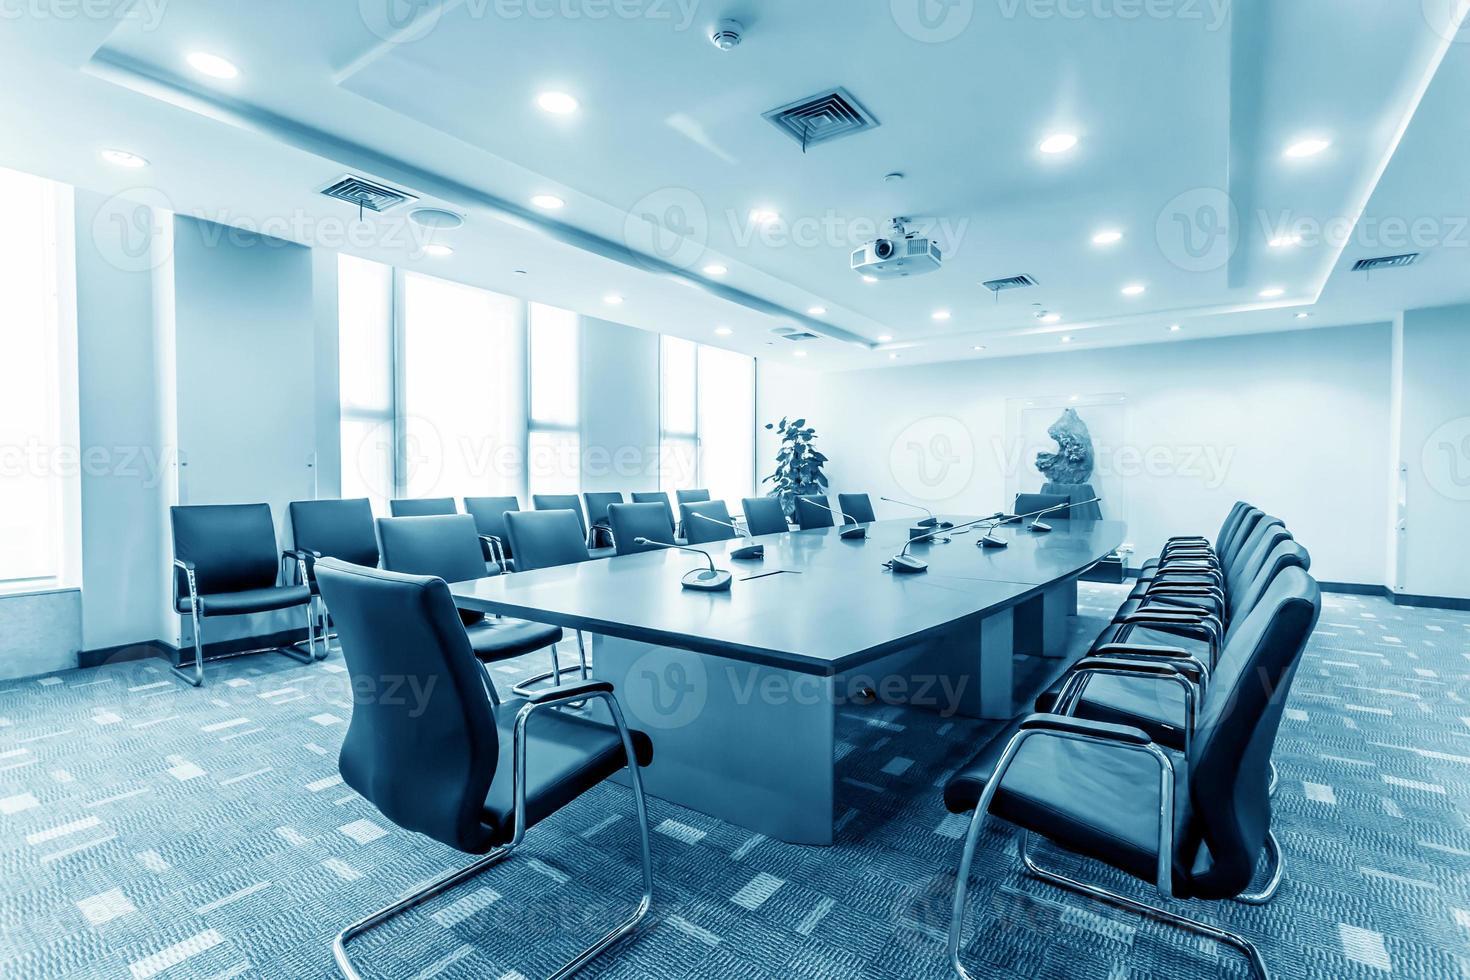 sala de reuniones de negocios en la oficina foto